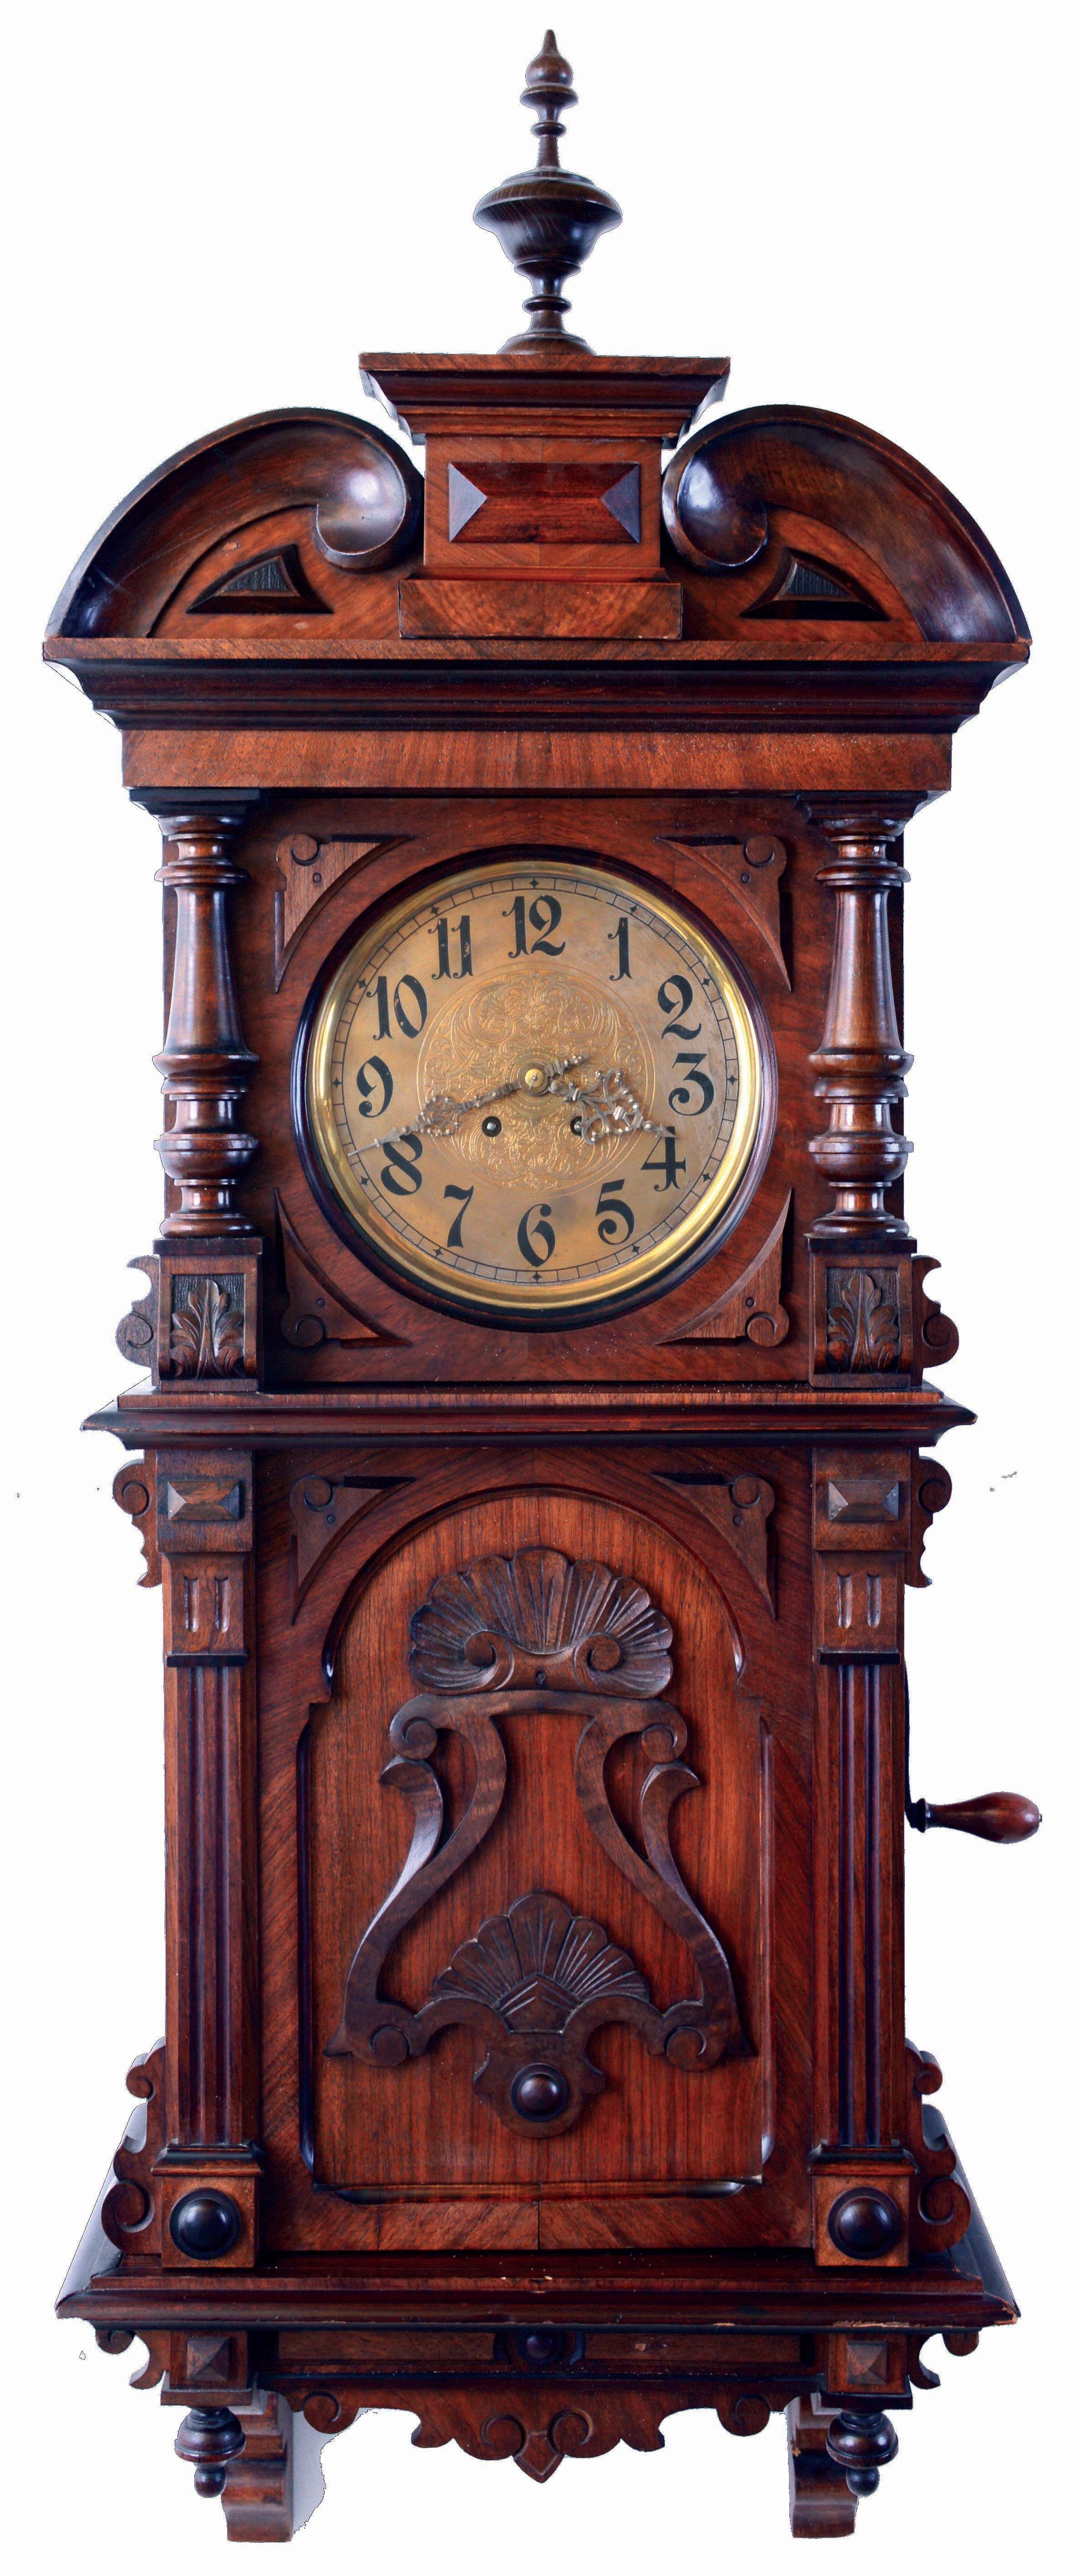 Pin von LenzkirchFan auf Lenzkirch Clocks | Pinterest | Uhren und Balkon